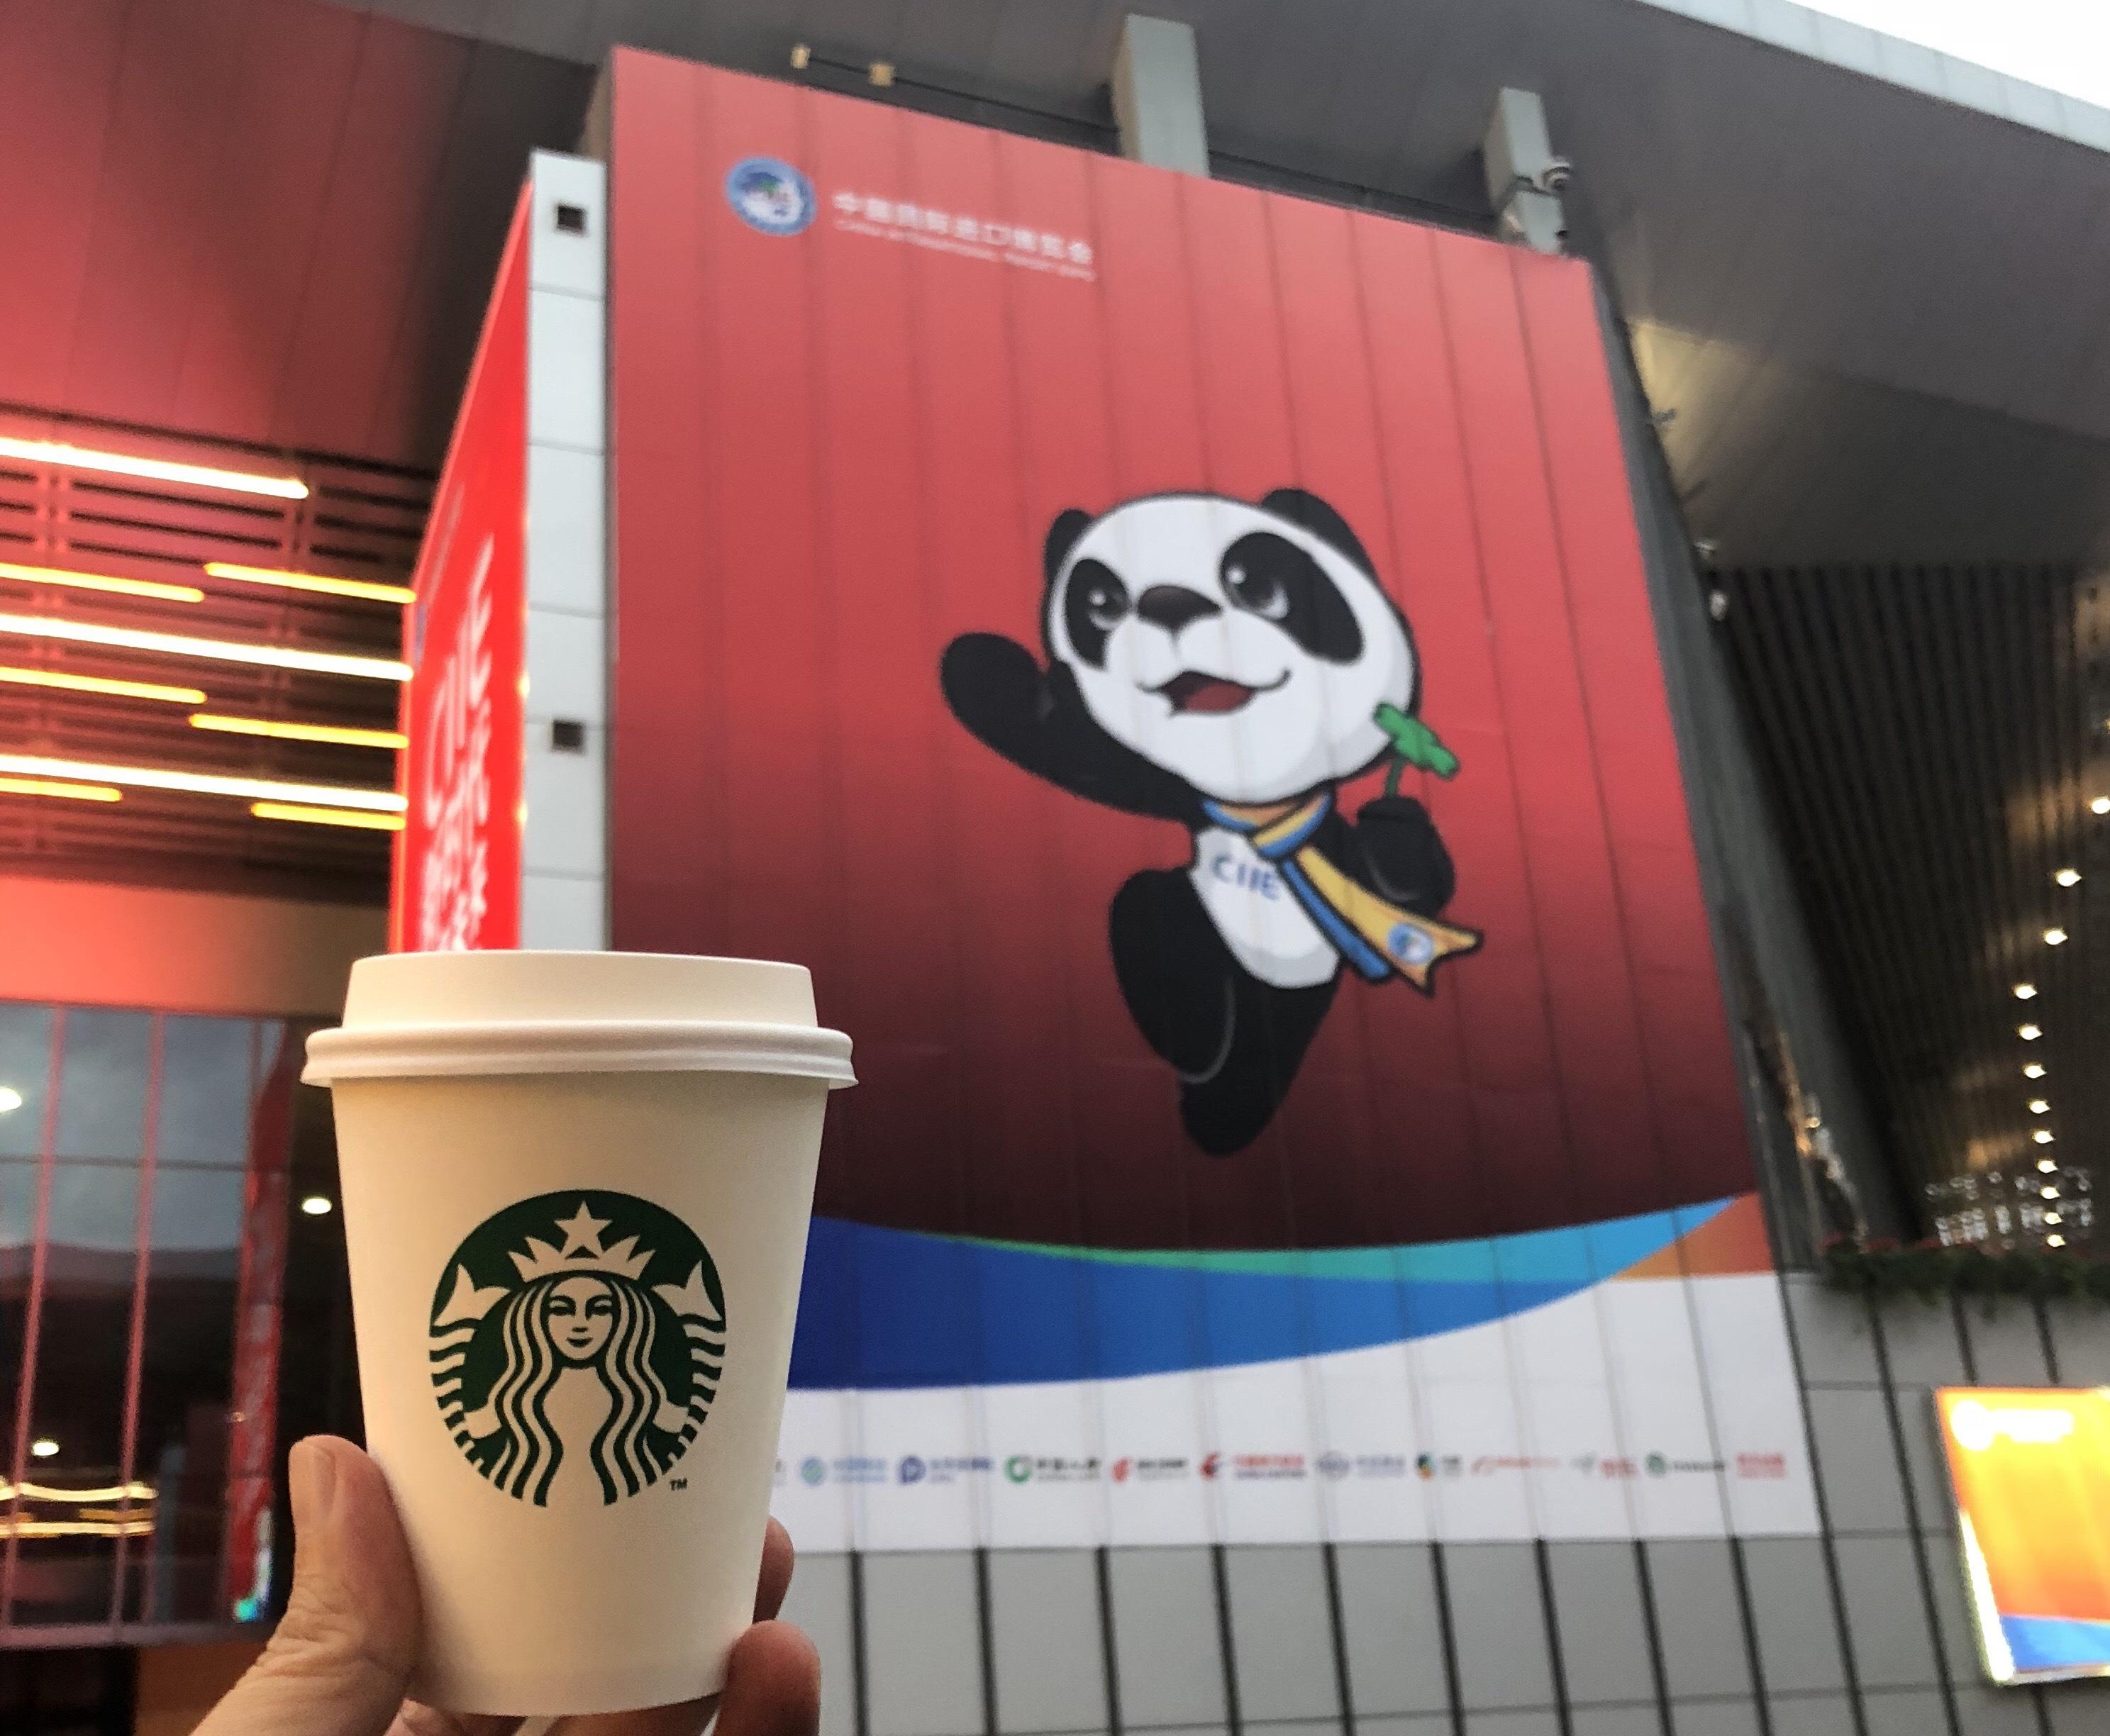 刚刚发布超预期财报,星巴克又将免费送上6万杯精选咖啡茶饮